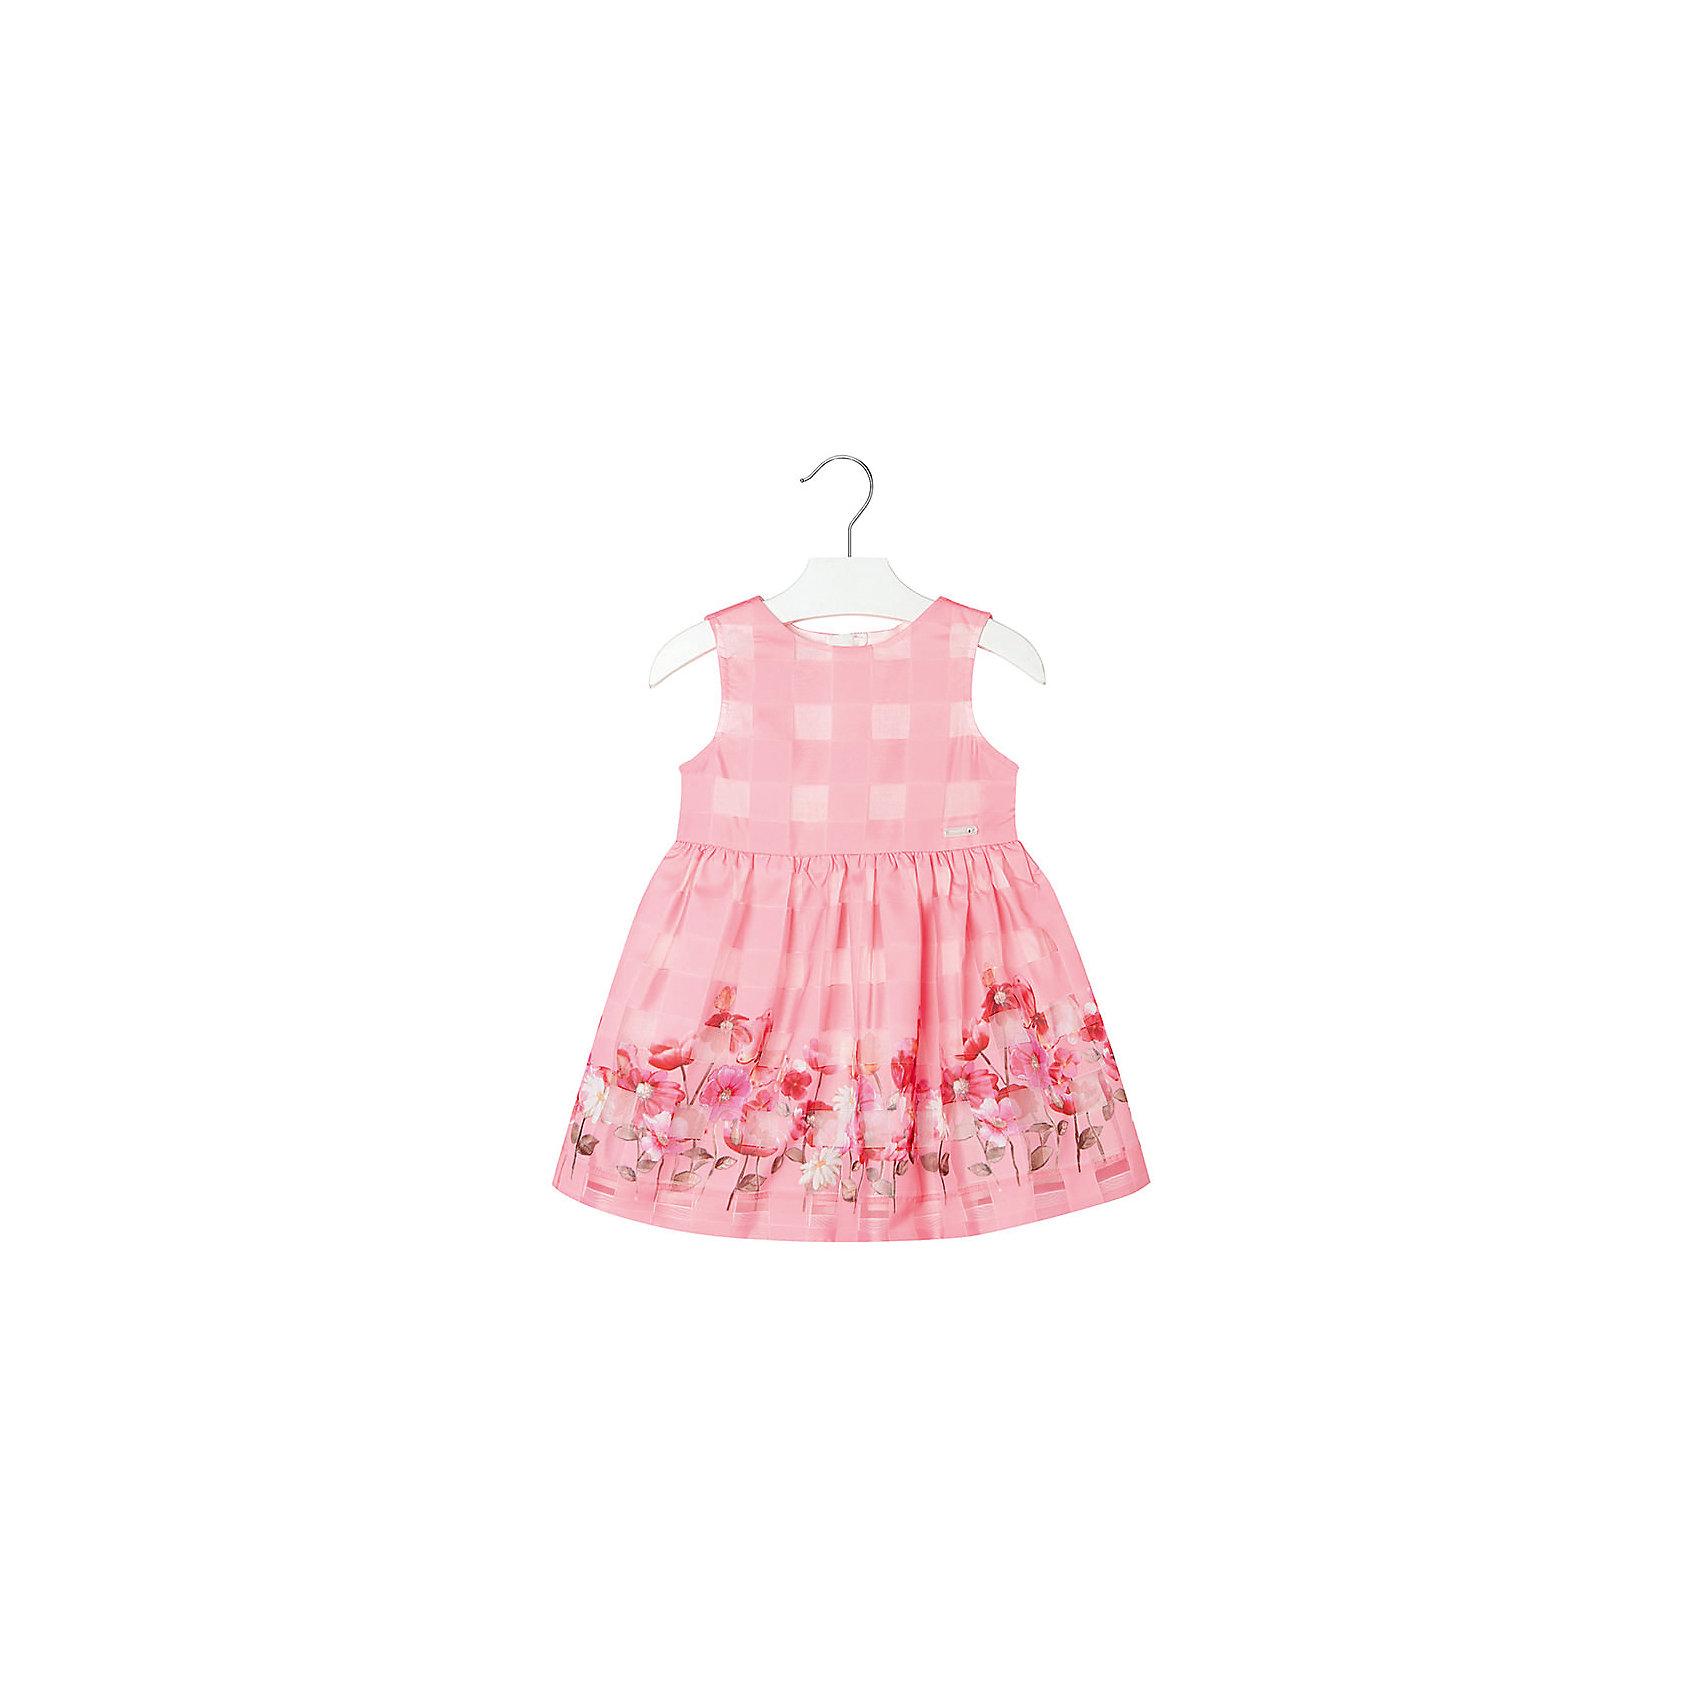 Платье для девочки MayoralПлатье для девочки от известной испанской марки Mayoral <br><br>Очень красивое платье от Mayoral отлично смотрится на любой маленькой принцессе! Выглядит нарядно и оригинально. Модель выполнена из качественных материалов, отлично сидит по фигуре.<br><br>Особенности модели:<br><br>- цвет: розовый;<br>- украшено принтом;<br>- сзади молния.<br><br>Дополнительная информация:<br><br>Состав: 100% полиэстер<br><br>Платье для девочки Mayoral (Майорал) можно купить в нашем магазине.<br><br>Ширина мм: 236<br>Глубина мм: 16<br>Высота мм: 184<br>Вес г: 177<br>Цвет: розовый<br>Возраст от месяцев: 36<br>Возраст до месяцев: 48<br>Пол: Женский<br>Возраст: Детский<br>Размер: 104,92,98,110,122,134,128,116<br>SKU: 4543119